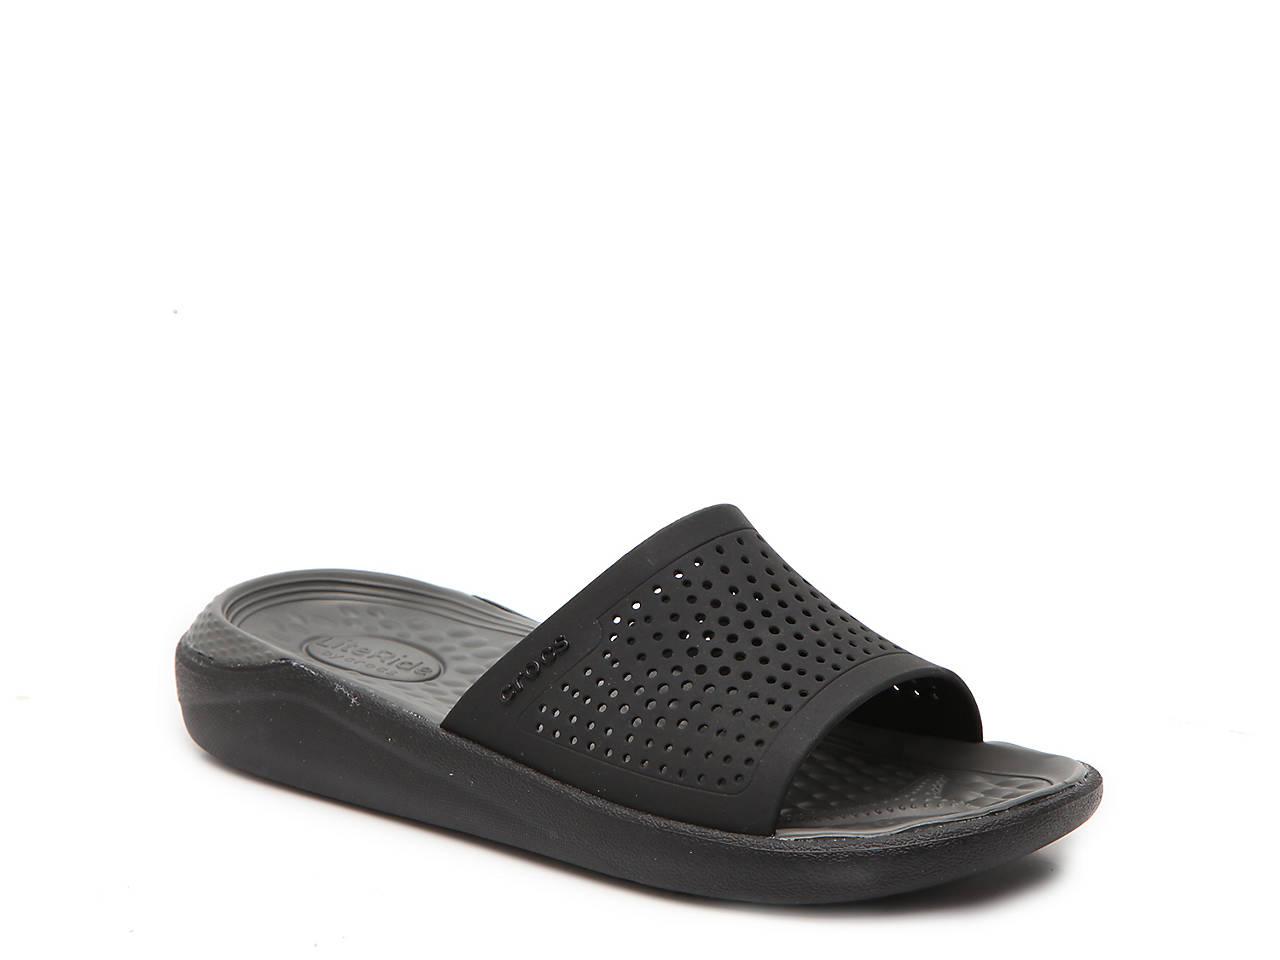 crocs literide slide sandal women s women s shoes dsw